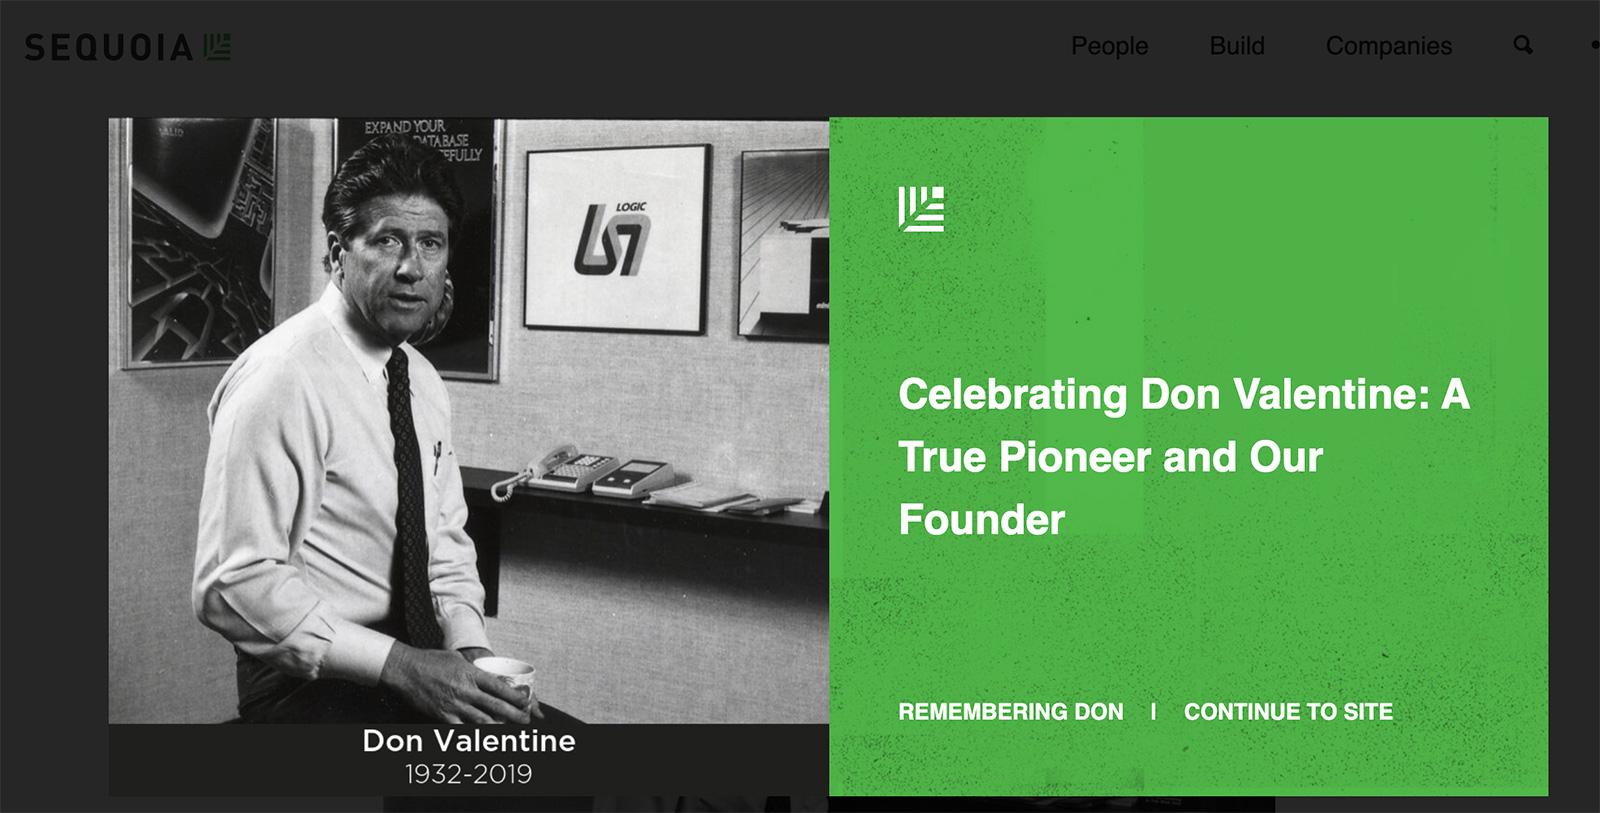 硅谷传奇红杉创始人逝世:40年前投苹果30年前投思科